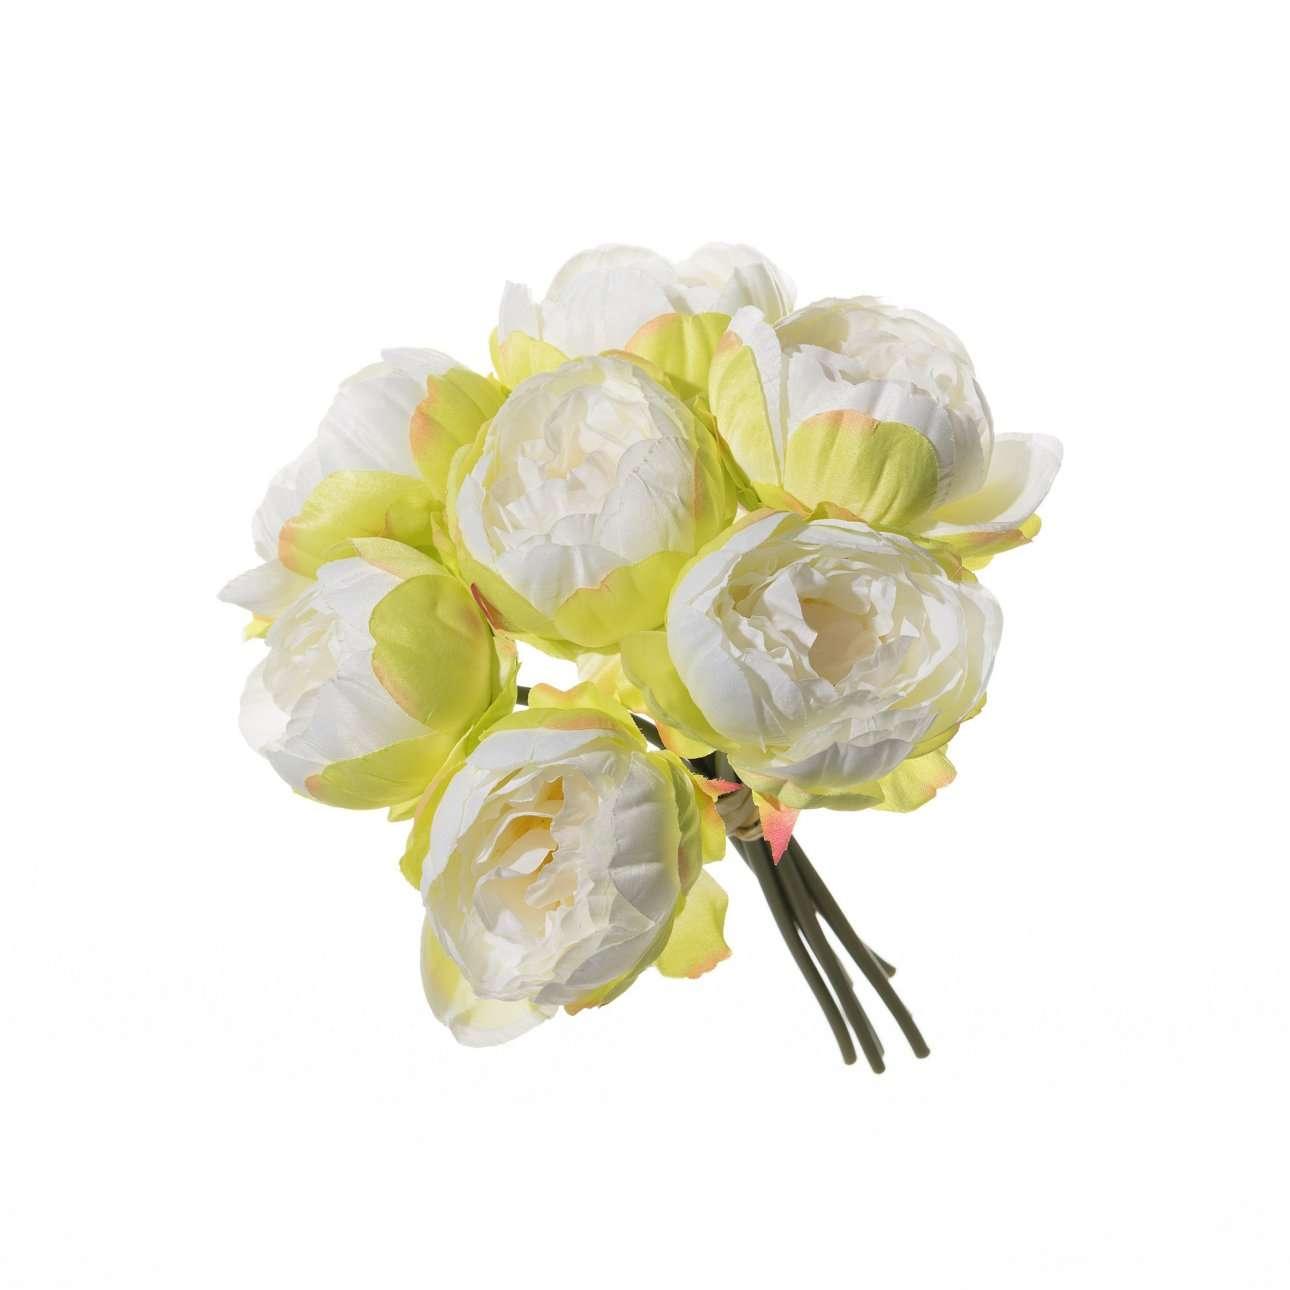 Artificial Peonies Bouquet - 7 blooms